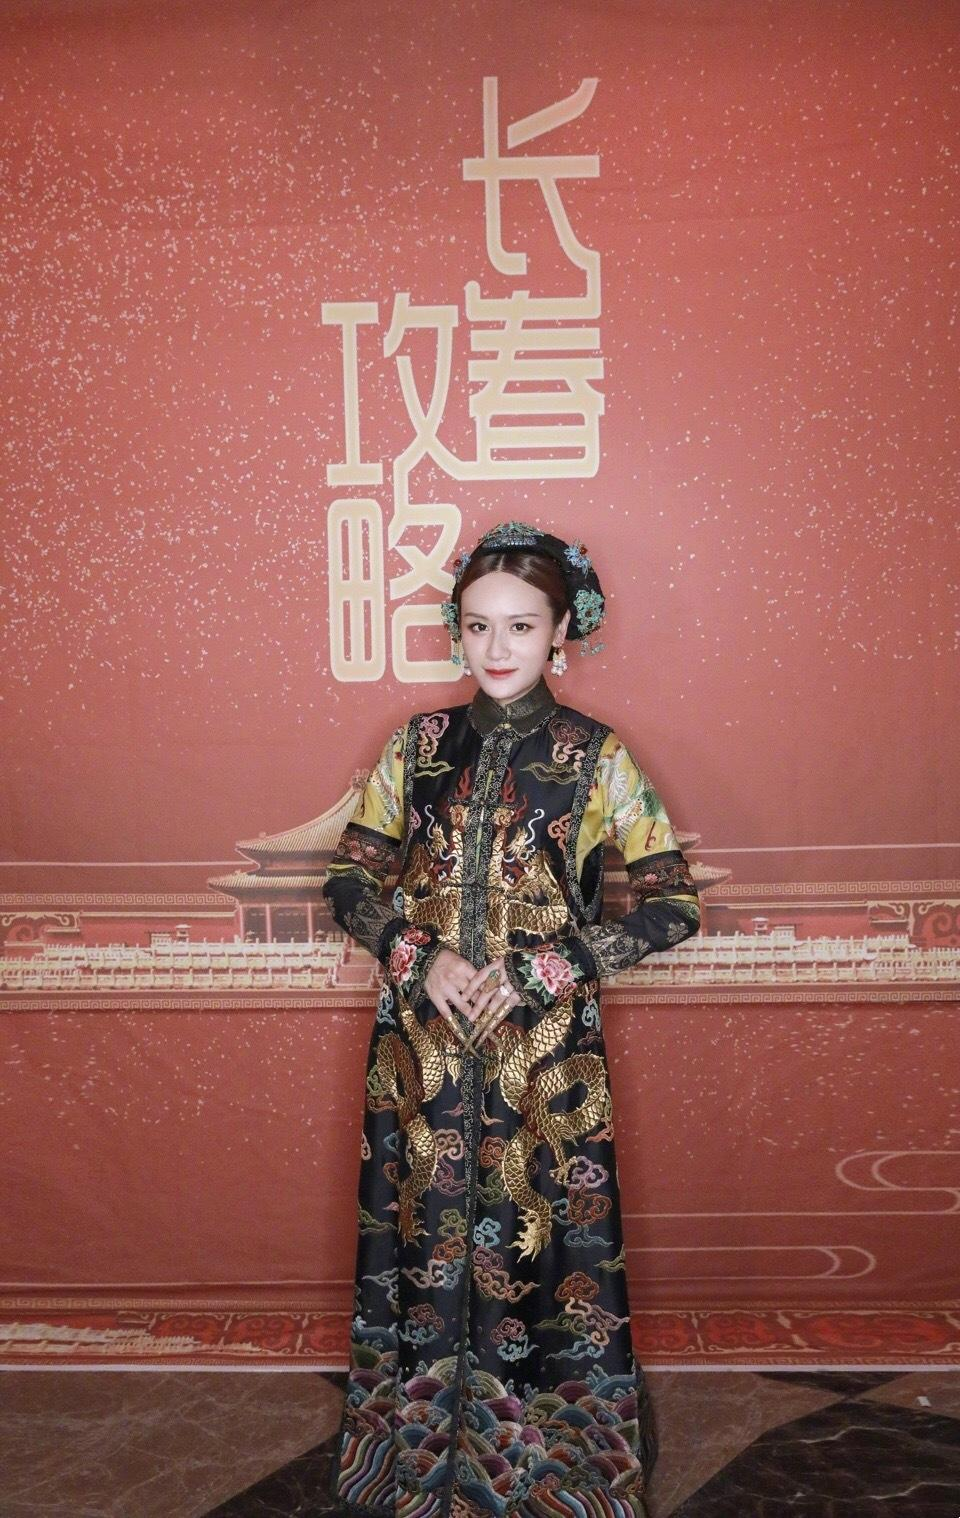 叶一茜34岁生日上演《长春攻略》 和田亮大秀恩爱